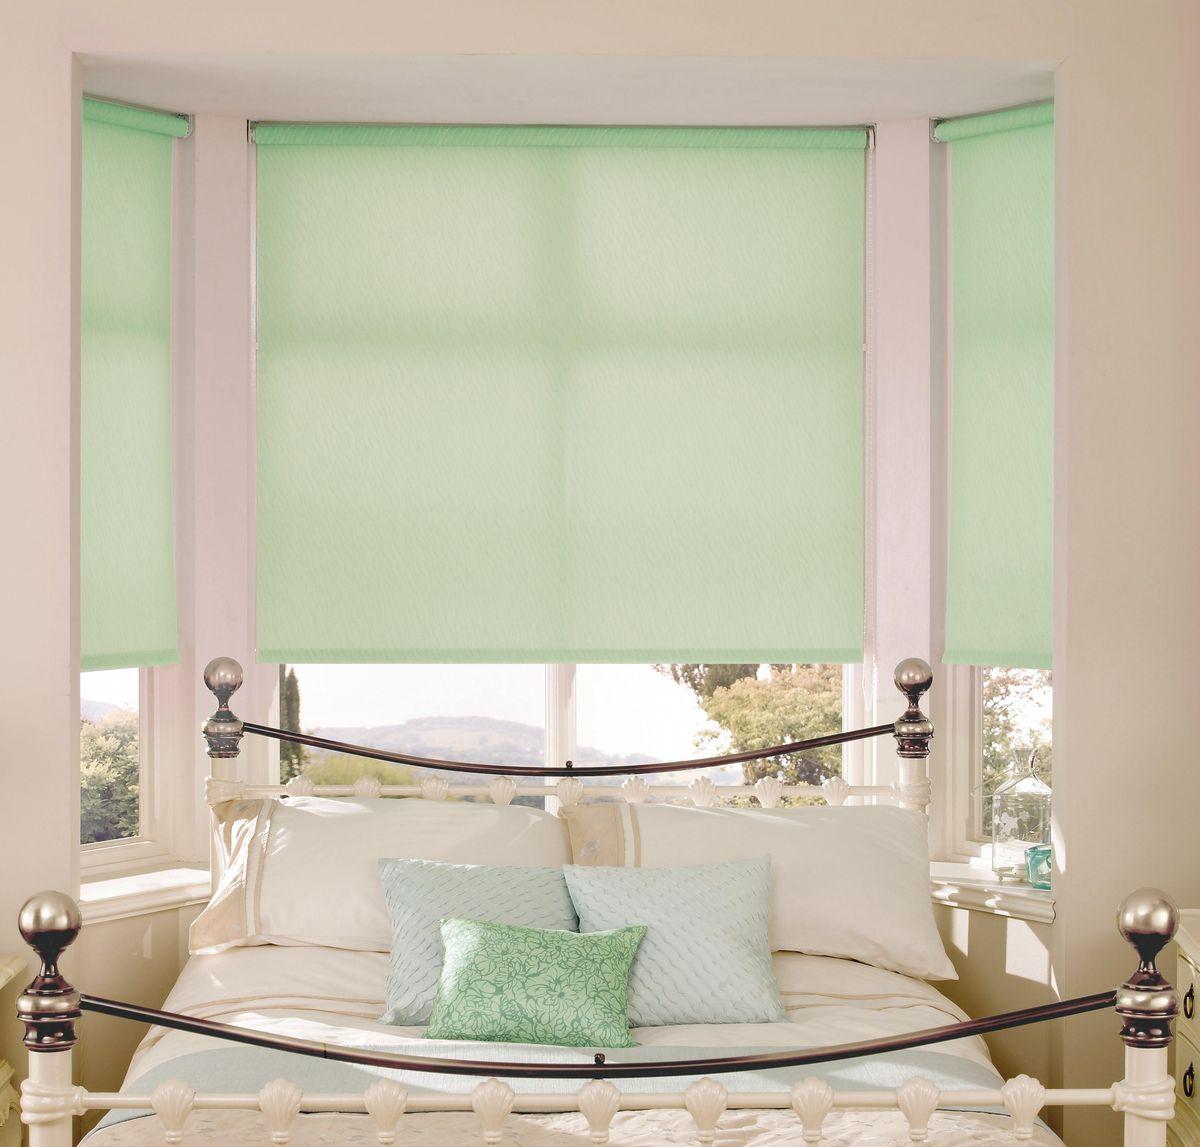 Штора рулонная Эскар, цвет: светло-зеленый, ширина 150 см, высота 170 см81017150170Рулонными шторами можно оформлять окна как самостоятельно, так и использовать в комбинации с портьерами. Это поможет предотвратить выгорание дорогой ткани на солнце и соединит функционал рулонных с красотой навесных. Преимущества применения рулонных штор для пластиковых окон: - имеют прекрасный внешний вид: многообразие и фактурность материала изделия отлично смотрятся в любом интерьере; - многофункциональны: есть возможность подобрать шторы способные эффективно защитить комнату от солнца, при этом она не будет слишком темной. - Есть возможность осуществить быстрый монтаж. ВНИМАНИЕ! Размеры ширины изделия указаны по ширине ткани! Во время эксплуатации не рекомендуется полностью разматывать рулон, чтобы не оторвать ткань от намоточного вала. В случае загрязнения поверхности ткани, чистку шторы проводят одним из способов, в зависимости от типа загрязнения: легкое поверхностное загрязнение можно удалить при помощи канцелярского ластика; чистка от пыли производится сухим методом при...